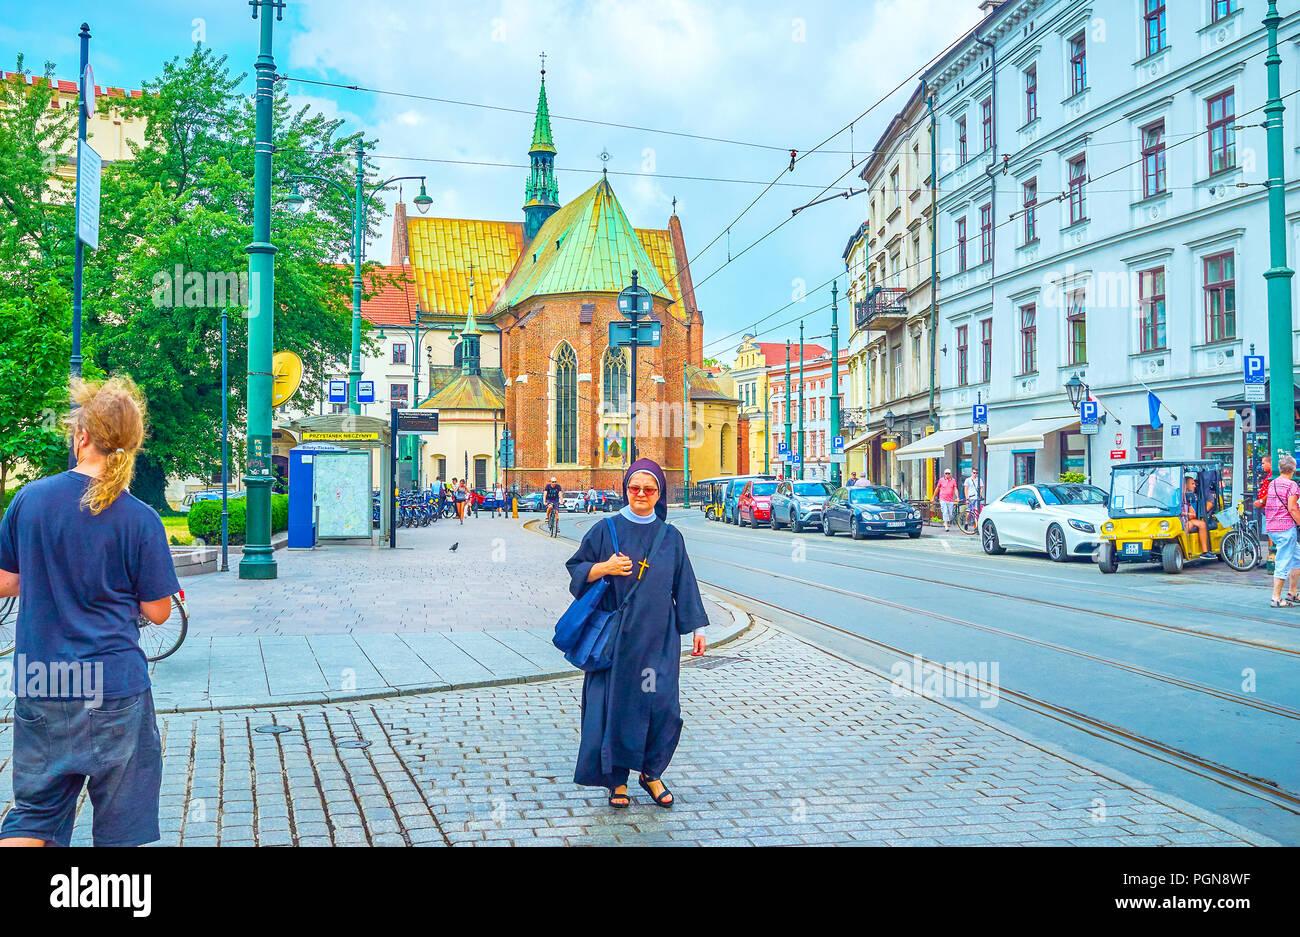 Krakau, Polen - 11. Juni 2018: Die Nonne geht hinunter die Straße der alten Krakau von Franziskaner Kloster, am 11. Juni in Krakau. Stockbild